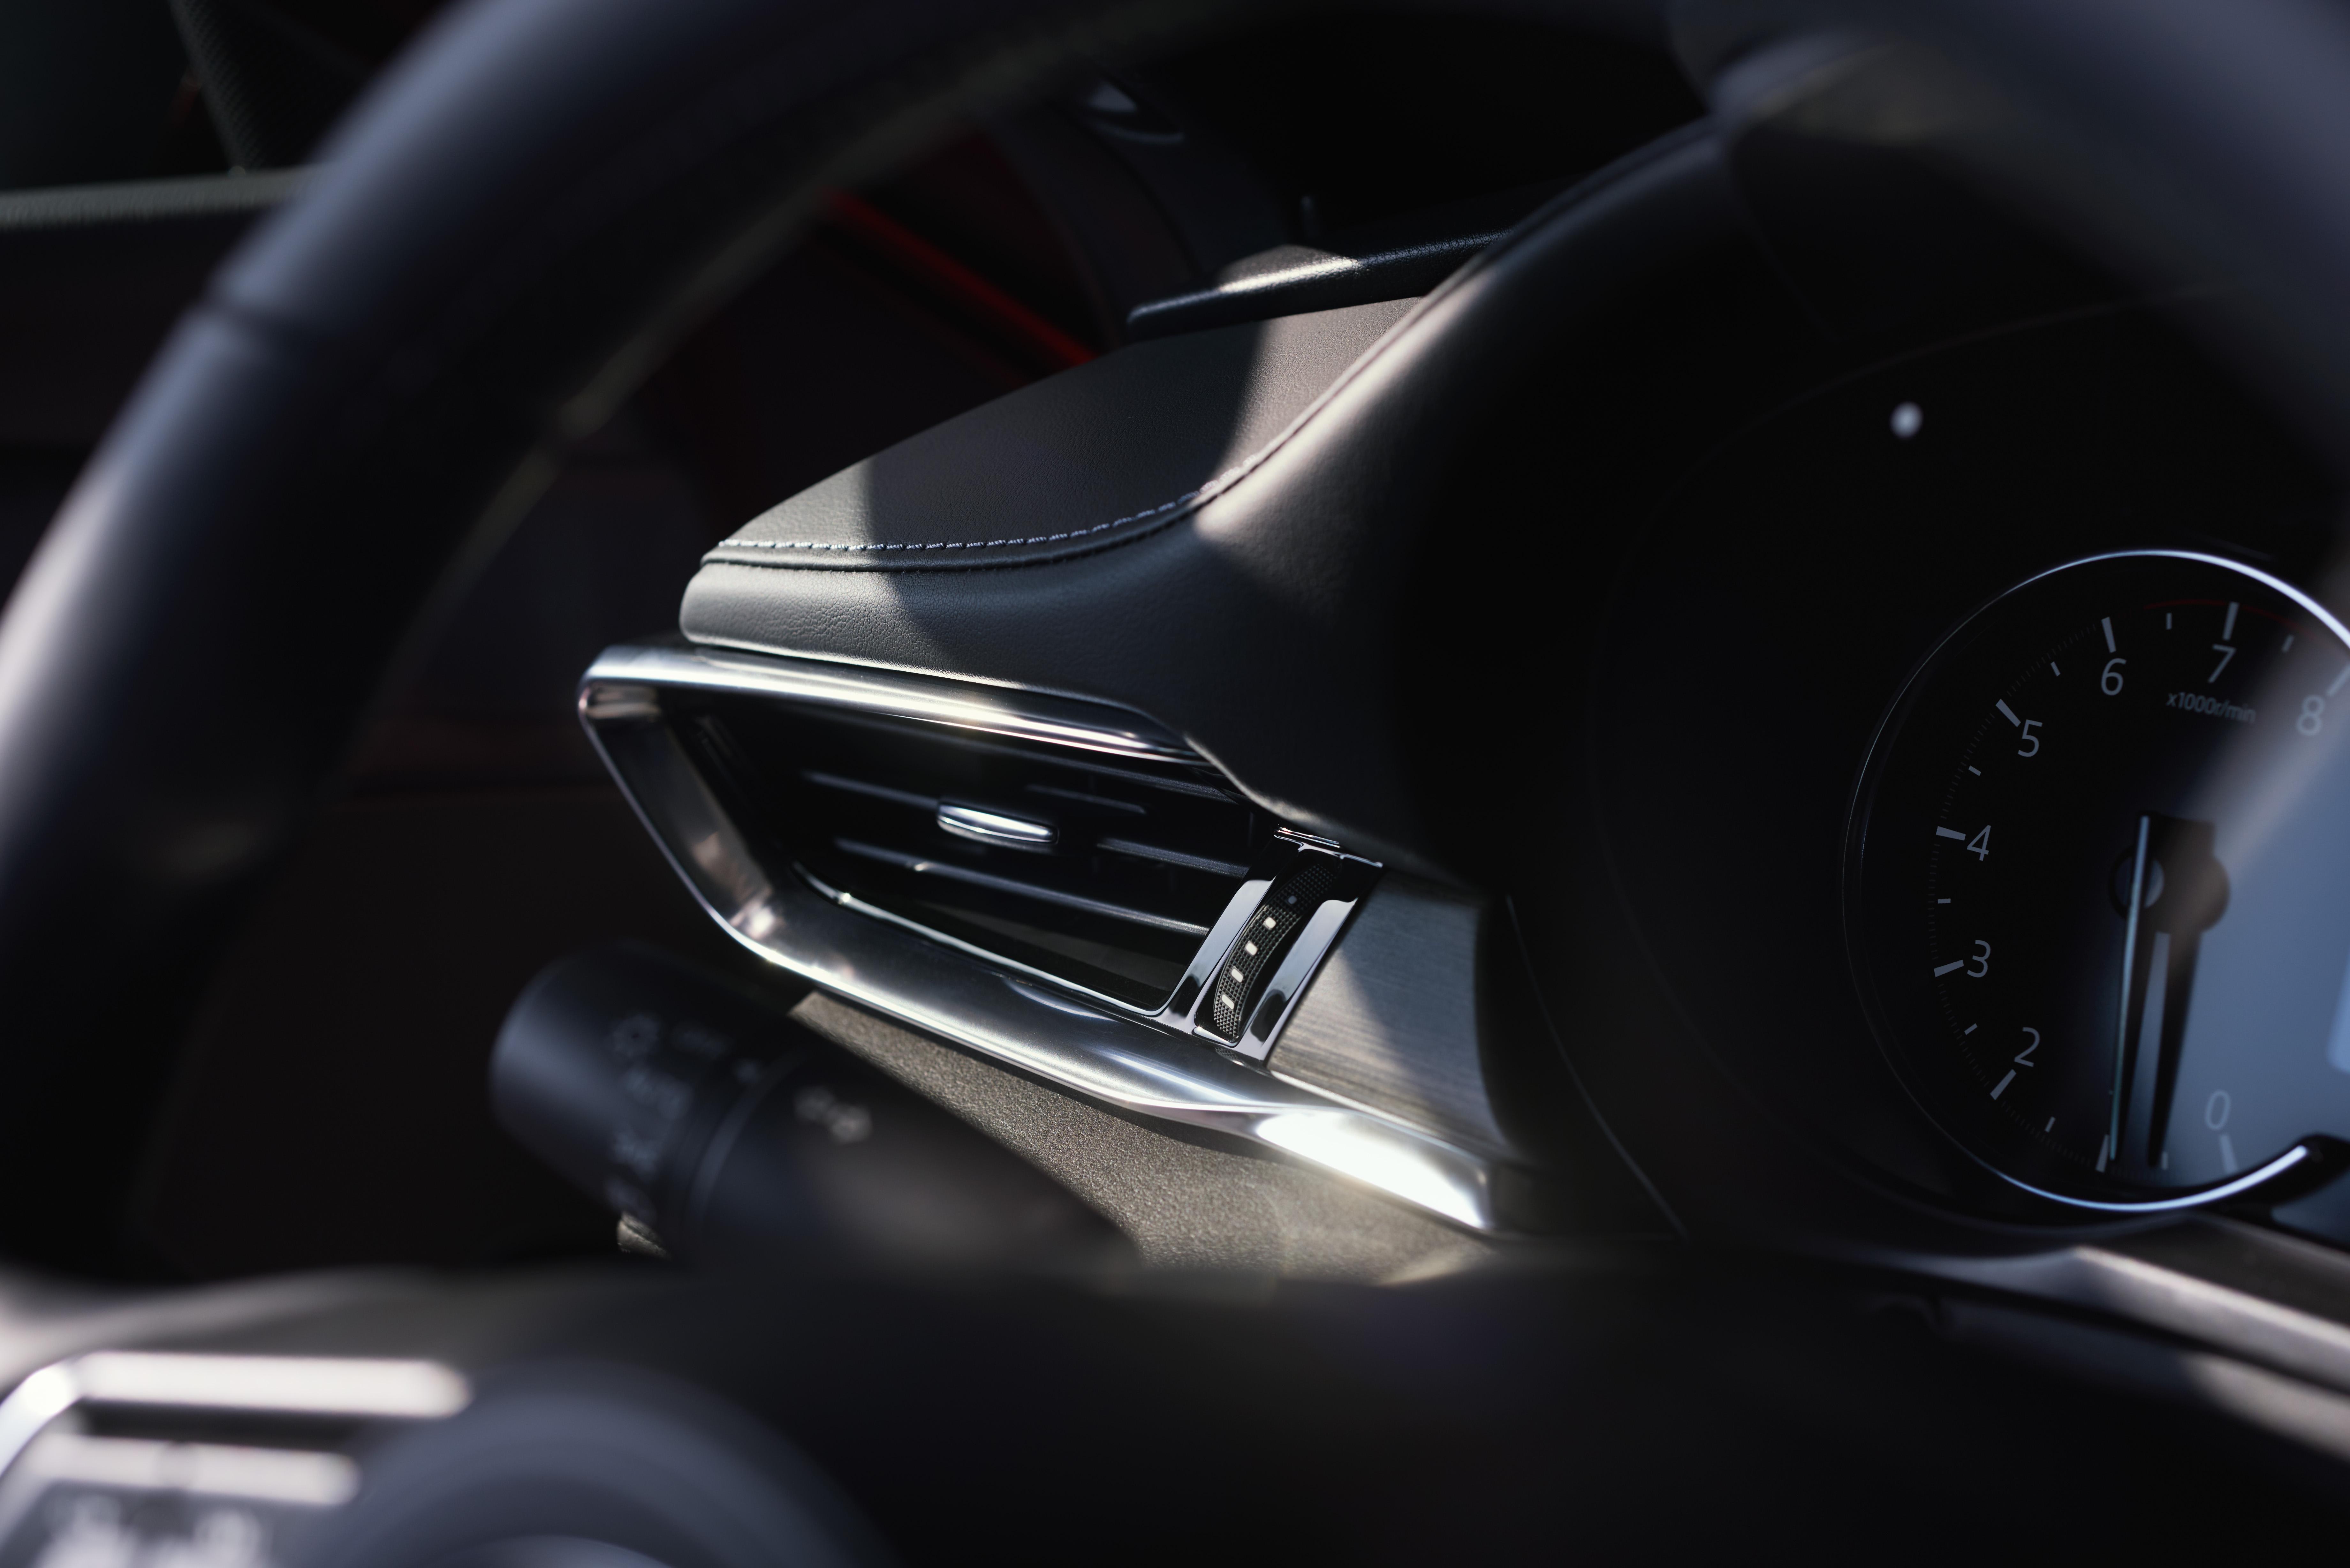 Air-con vent Mazda 6